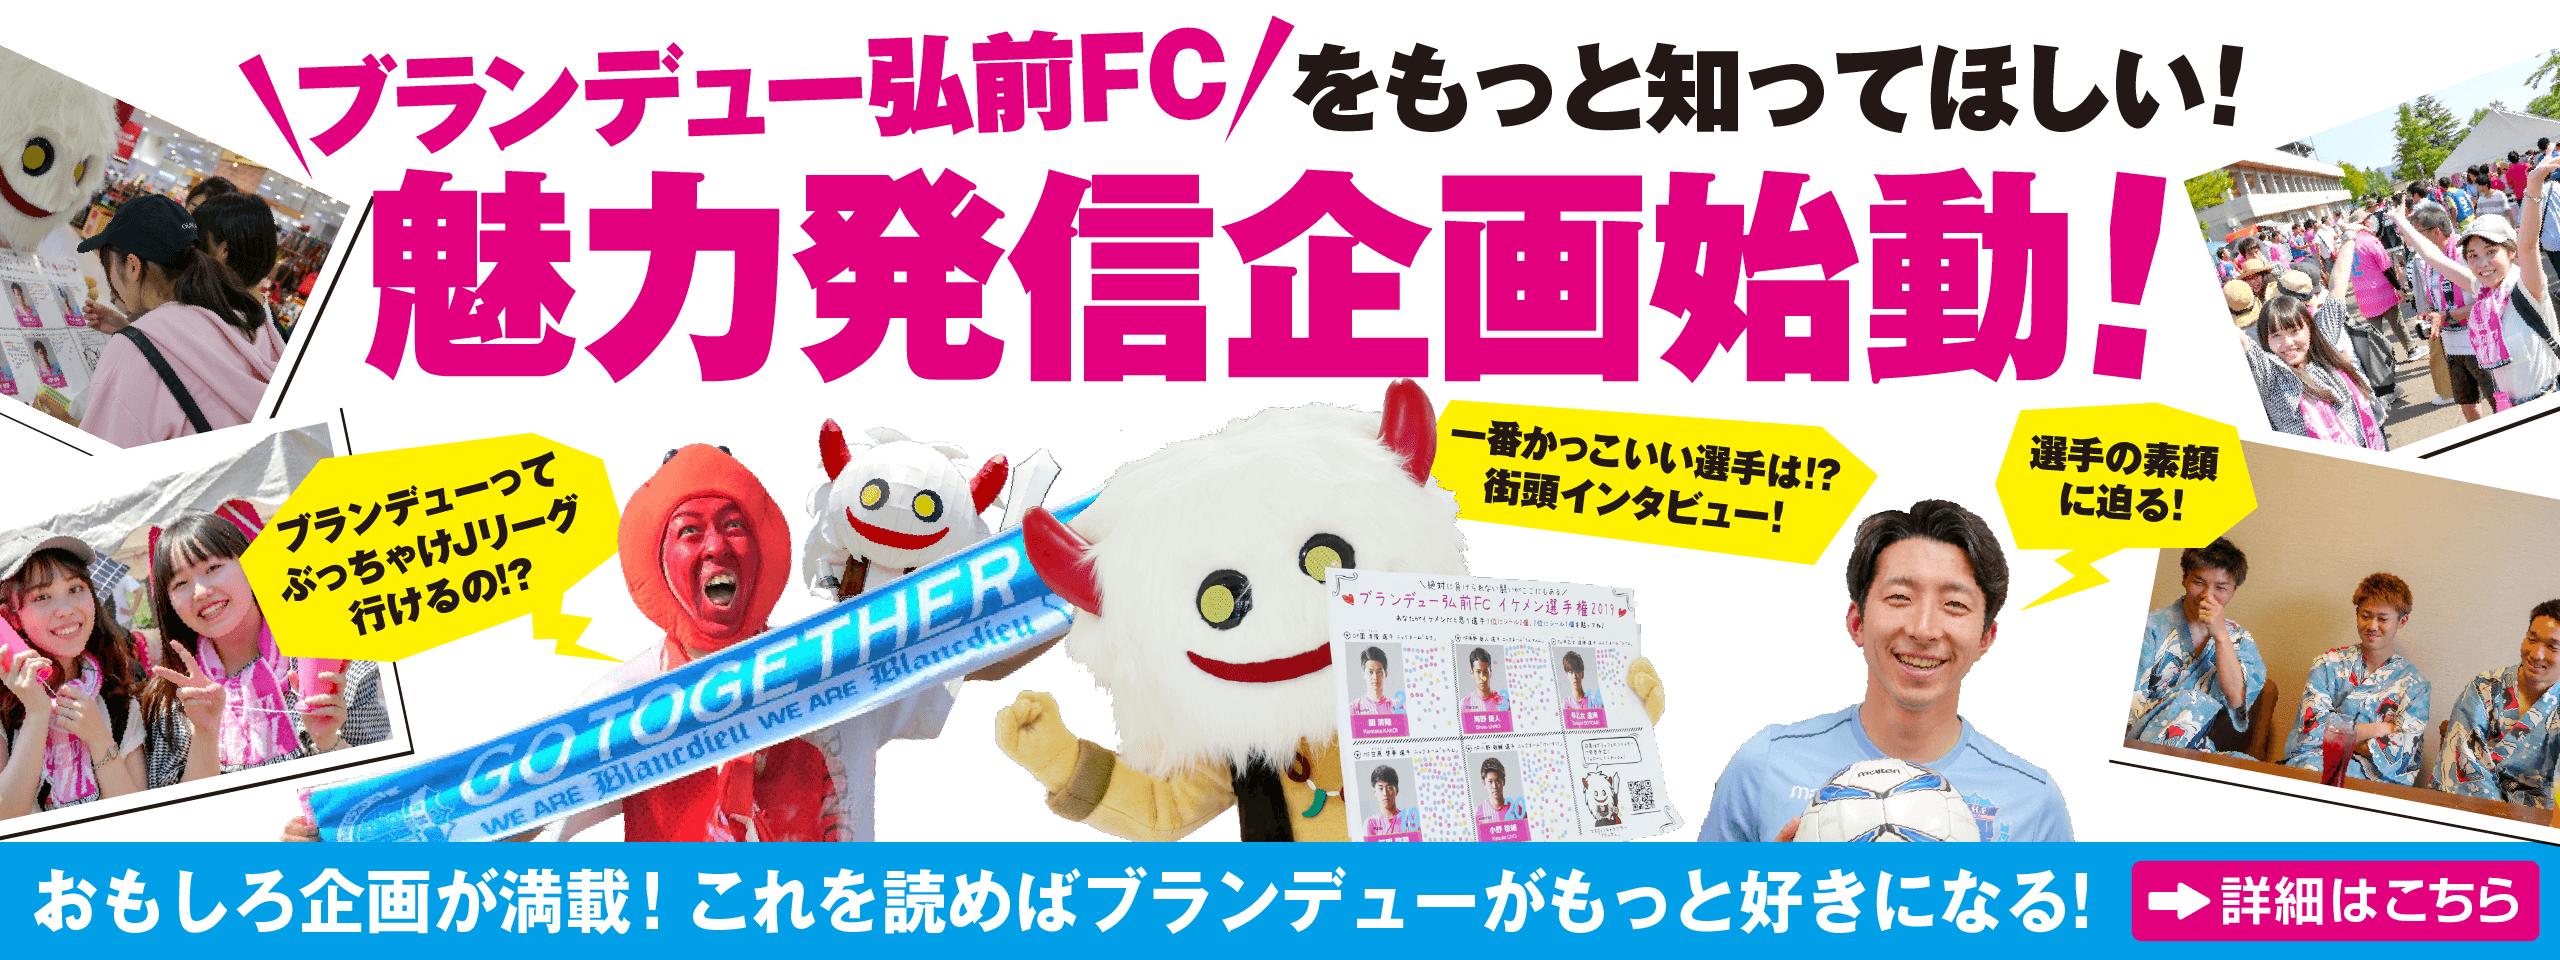 ブランデュー弘前FC WEB企画